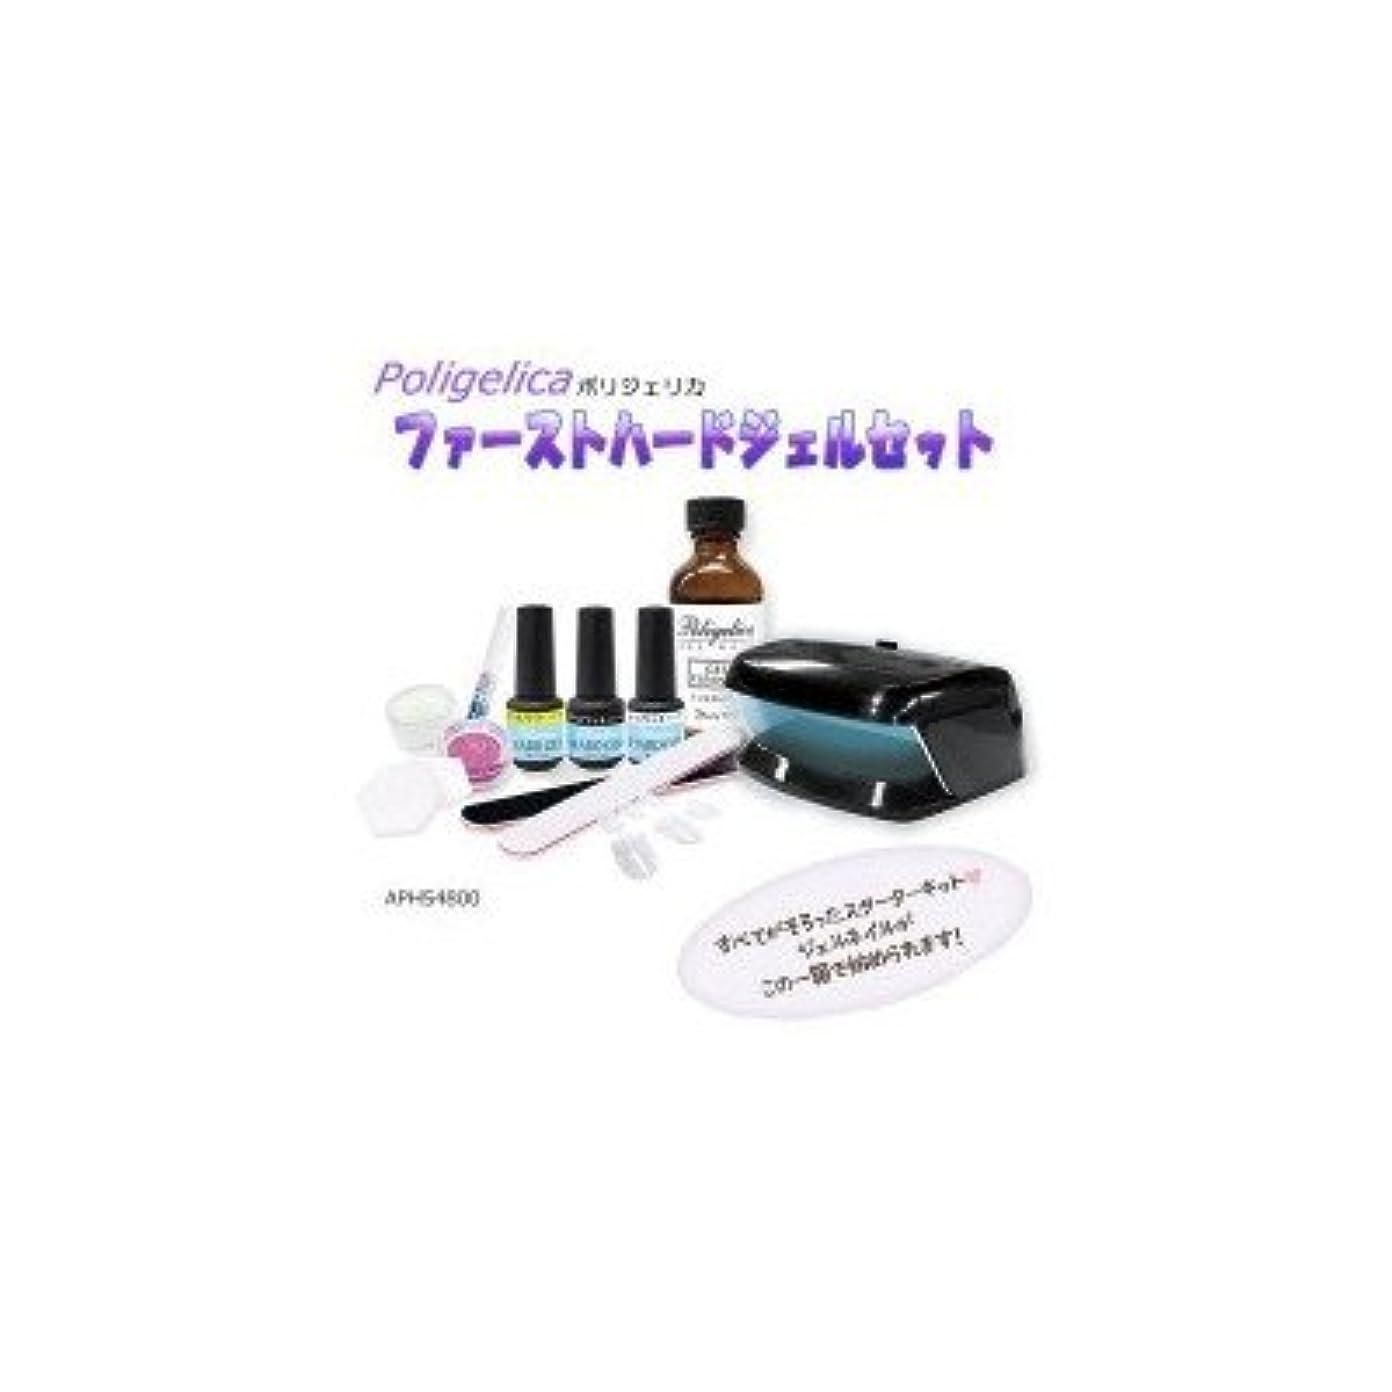 バターカラス相互ビューティーワールド ポリジェリカ Poligelica LEDミニライト付 ファーストハードジェルセット APHS4800